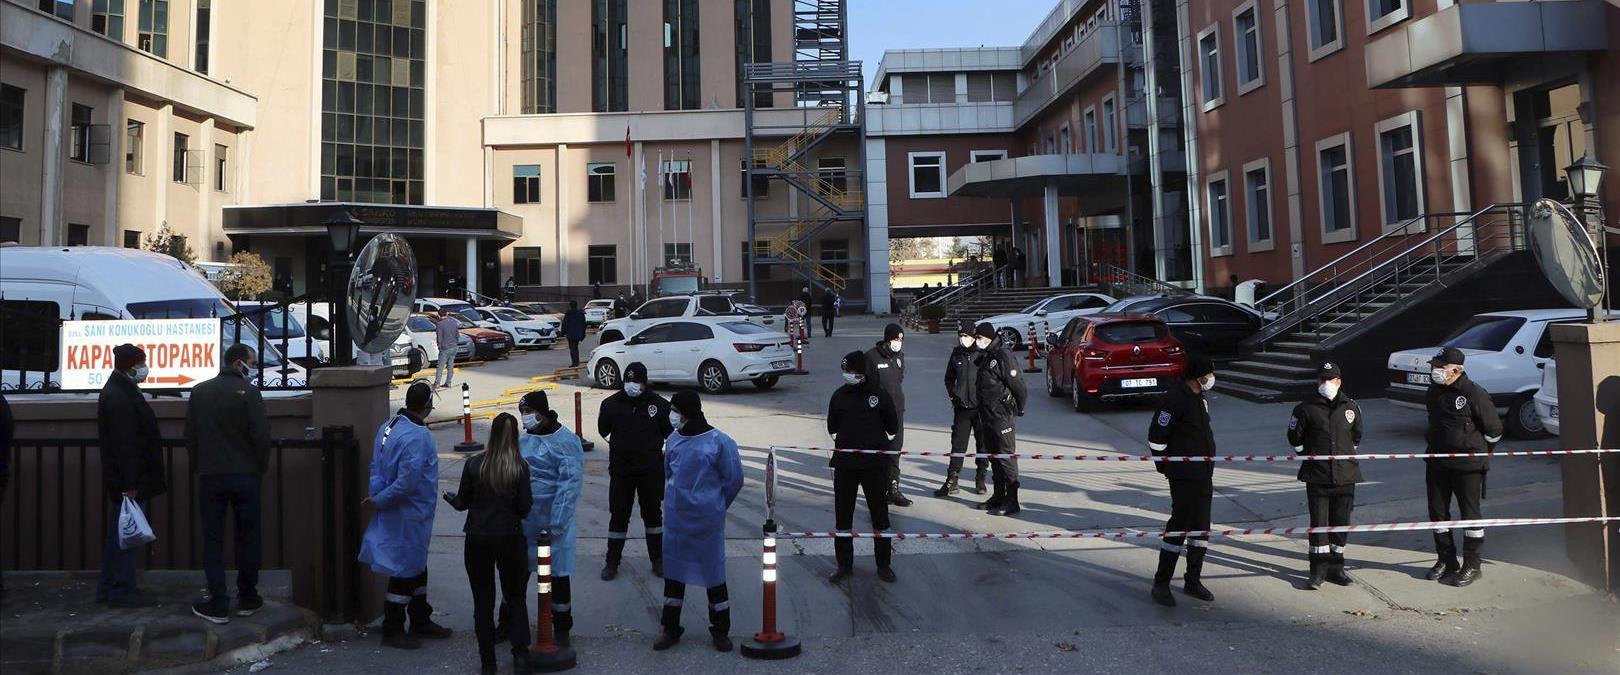 כוחות ביטחון מחוץ לבית החולים בגזיאנטפ